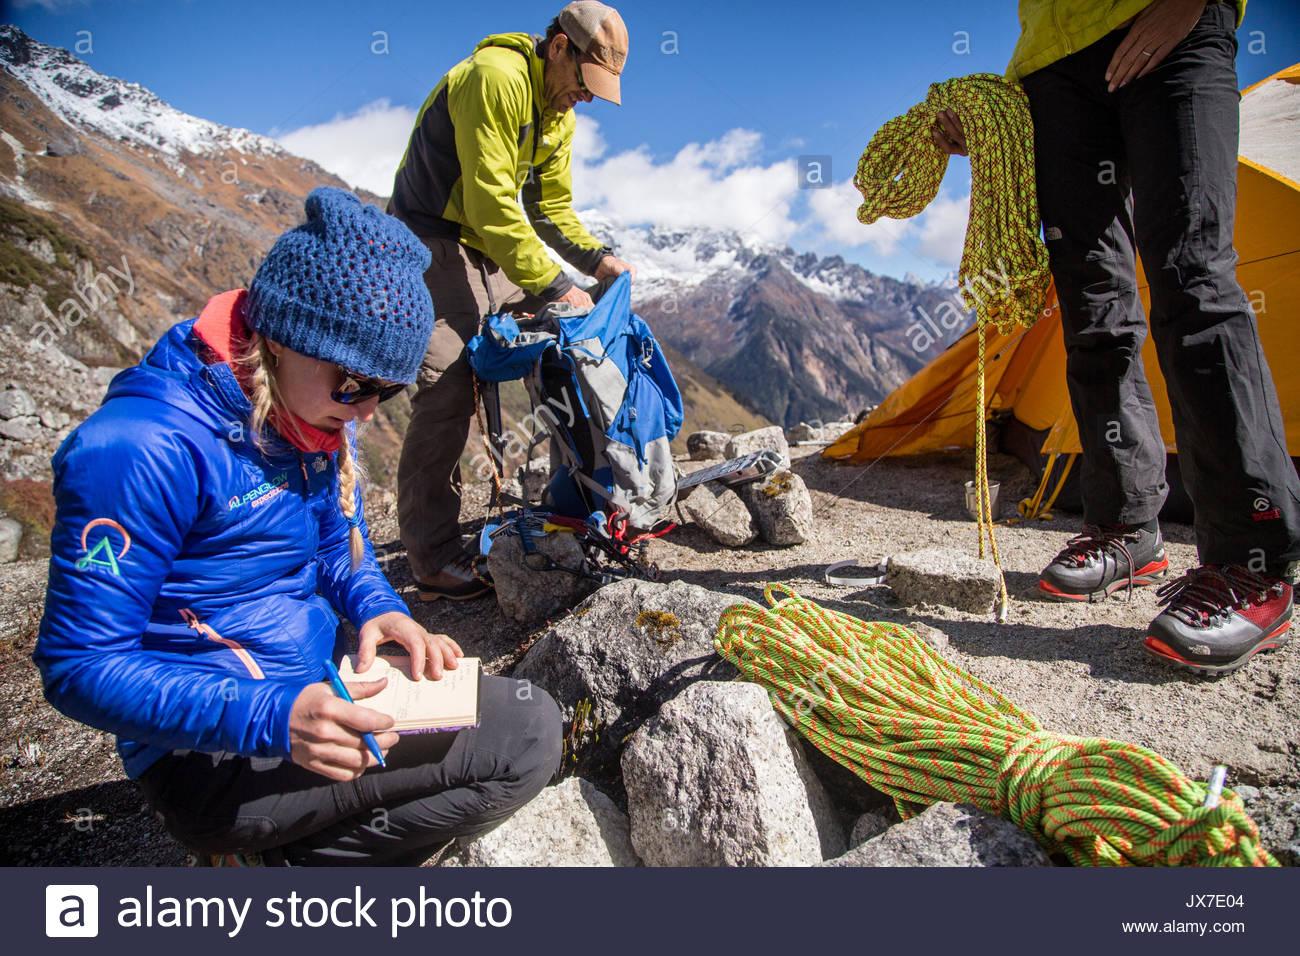 Expedicionarios comprobar y revisar los planes de marcha antes de establecer el montañismo. Imagen De Stock